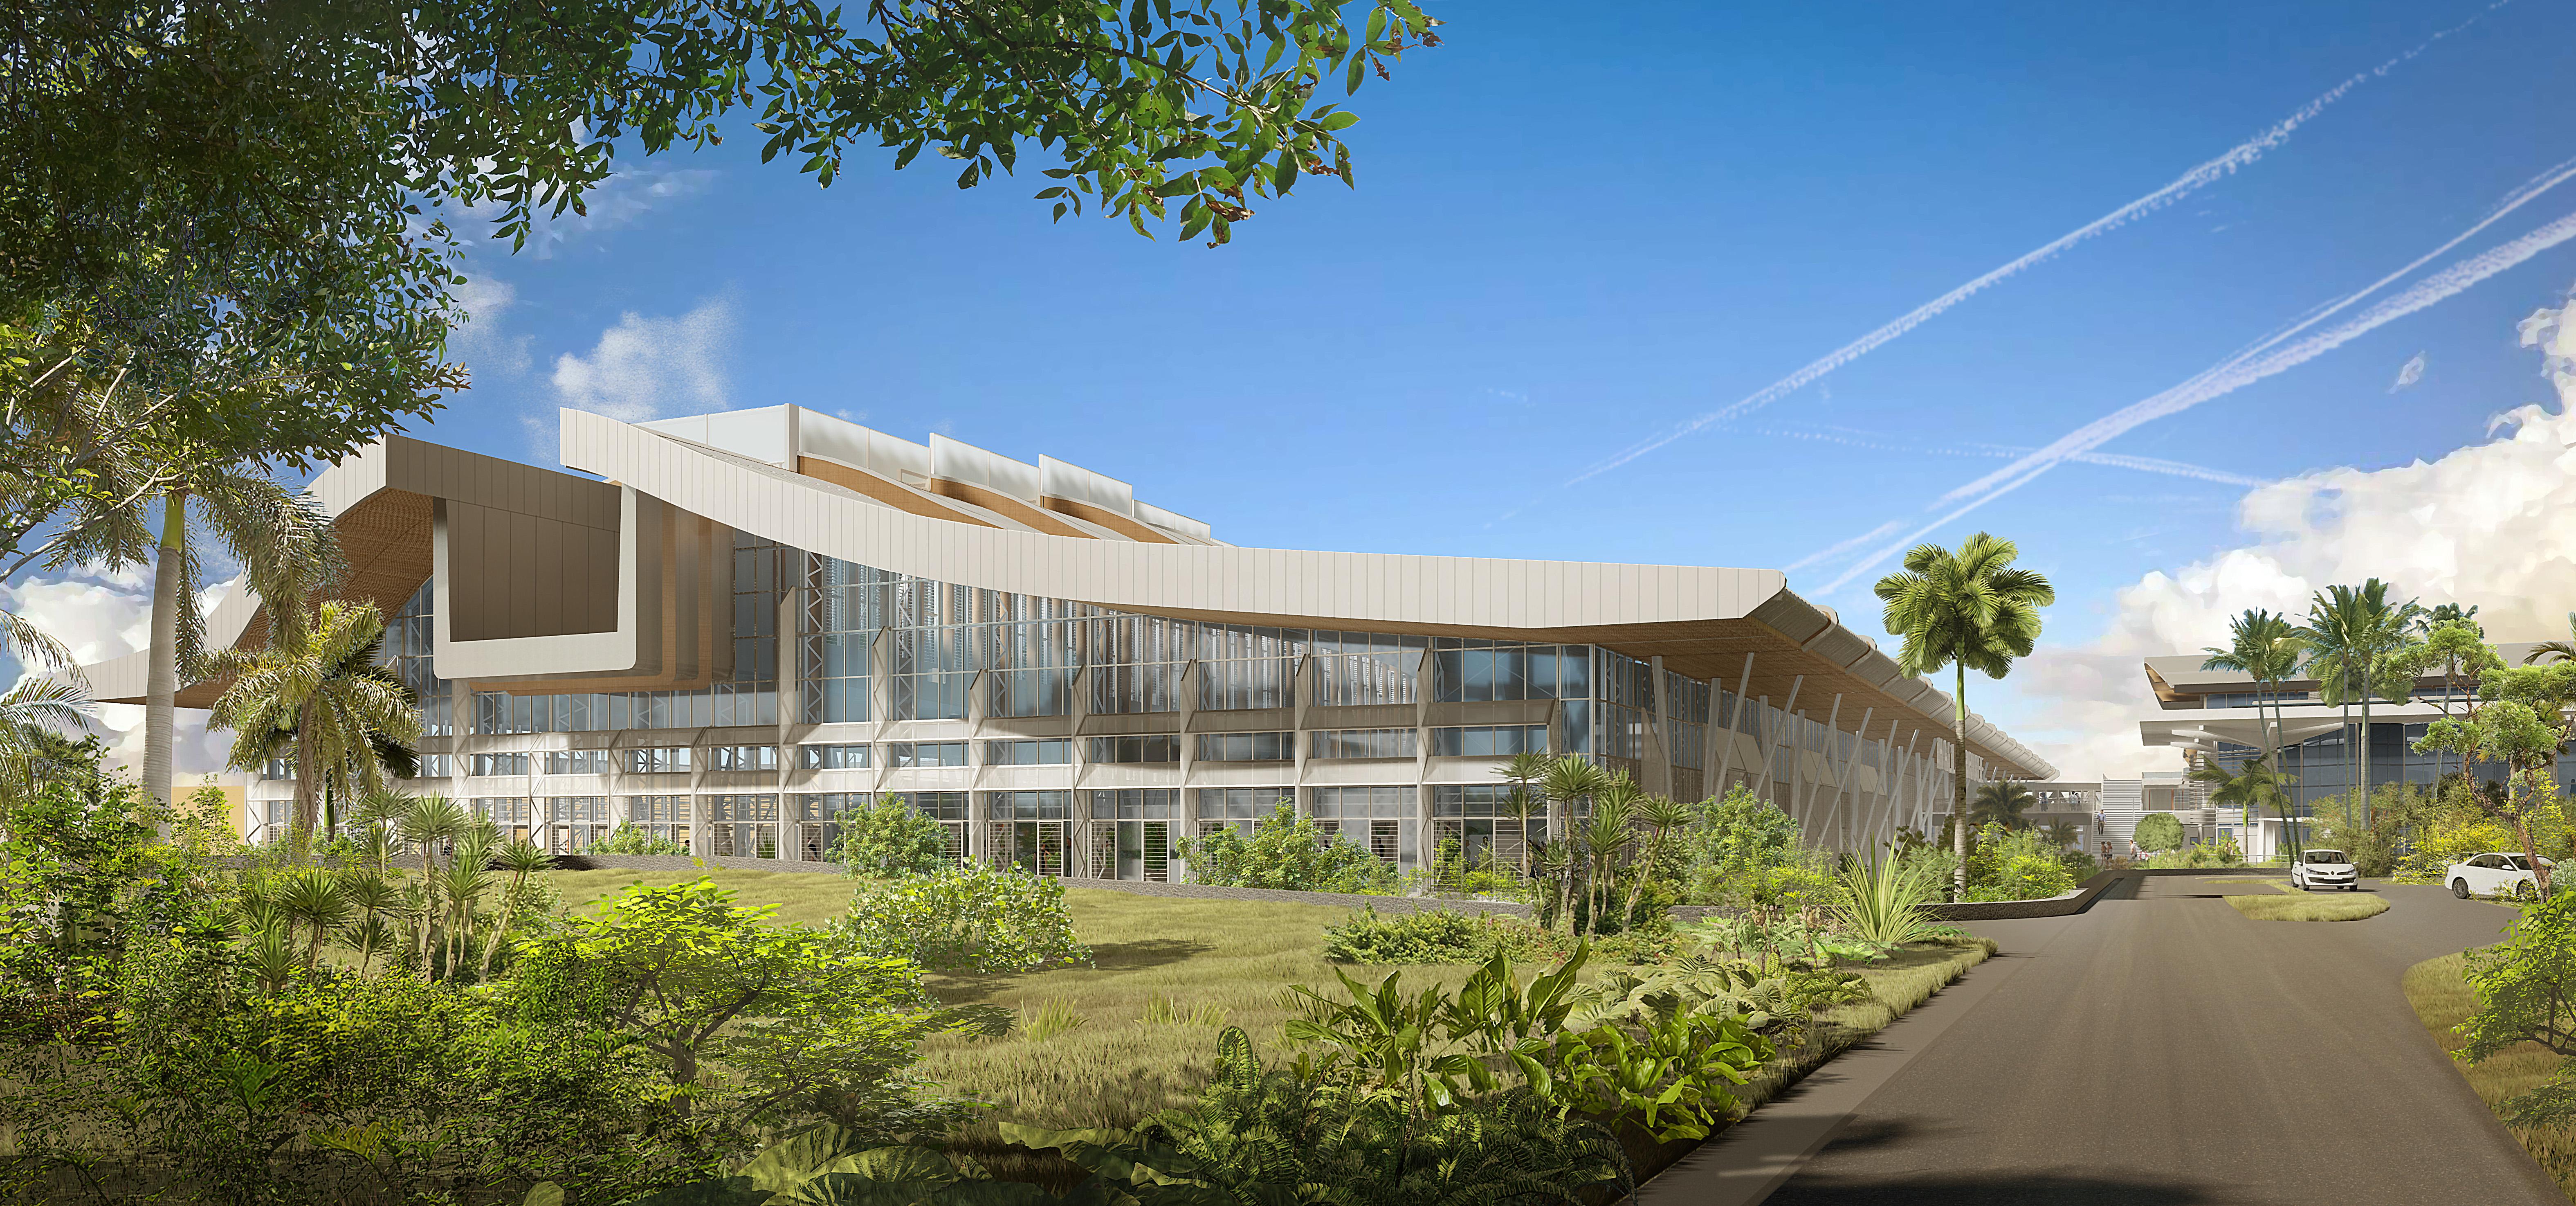 Economie à La Réunion: L'Aéroport Roland Garros lance son projet d'extension de sa nouvelle aérogare